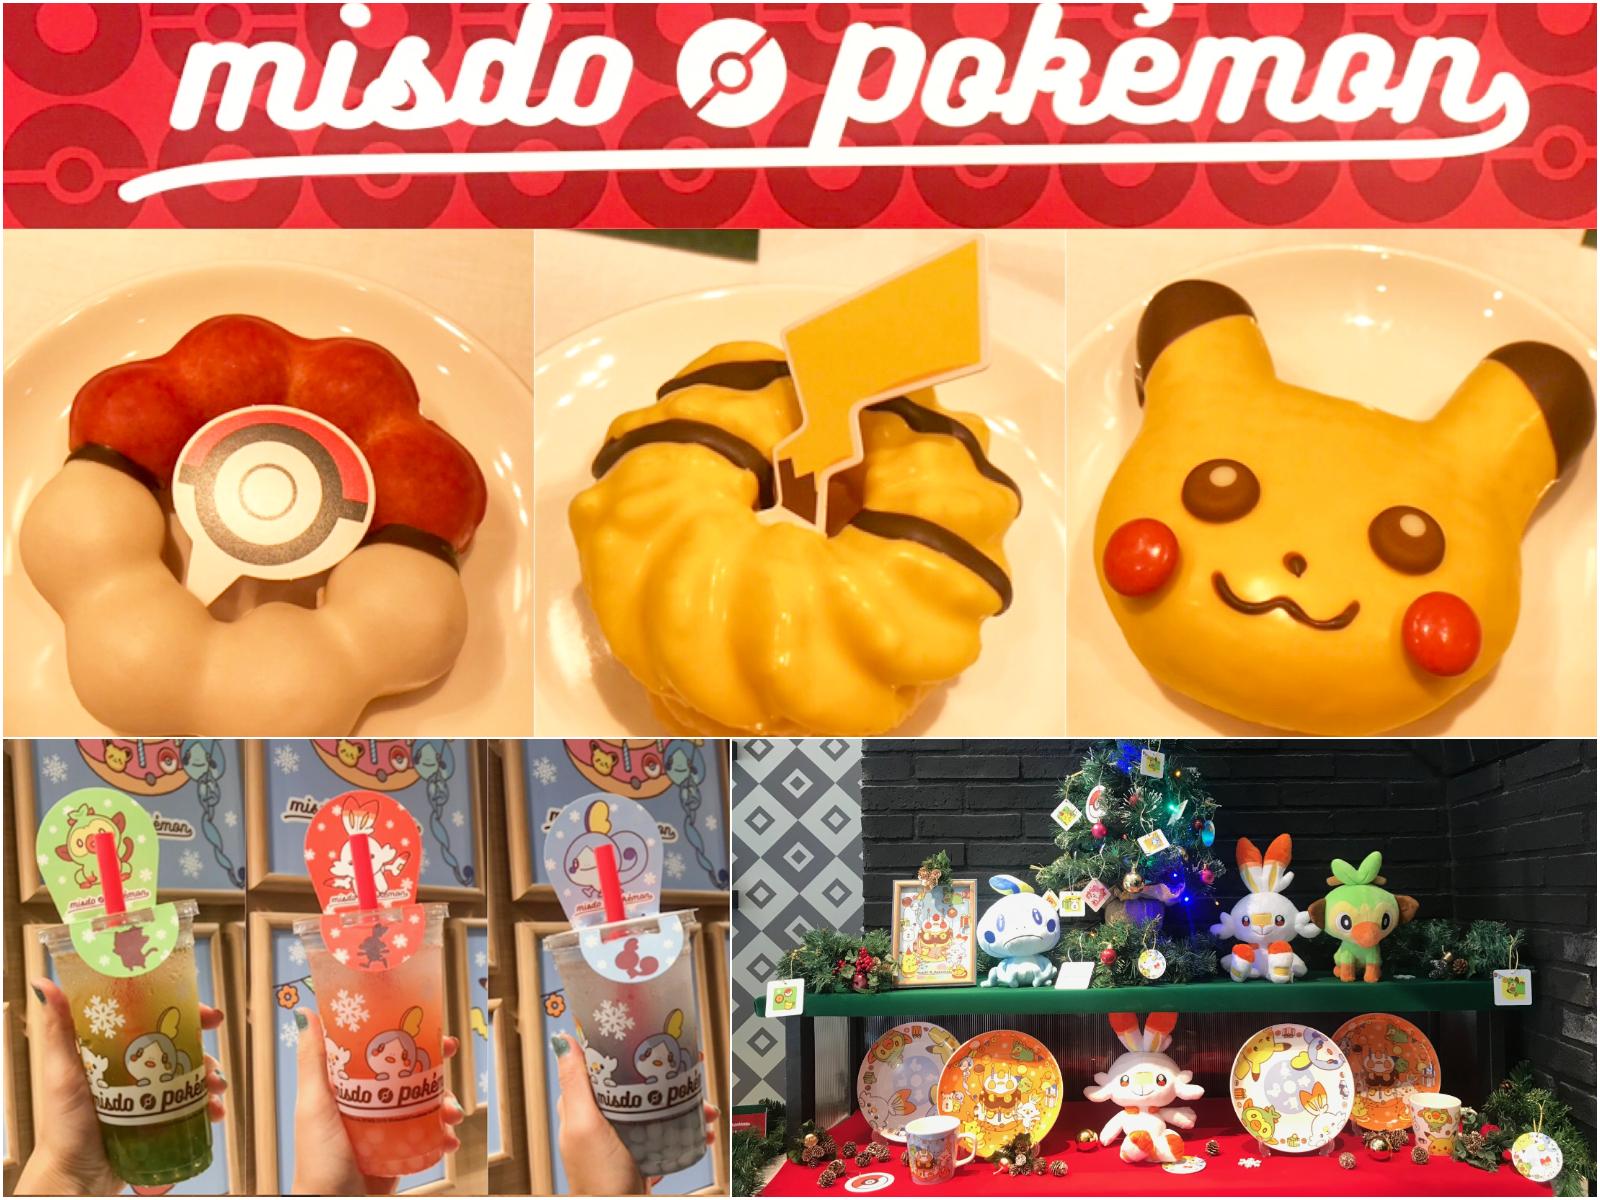 【ミスド新作】「ピカチュウ ドーナツ」をはじめ、ポケモンアイテムが2019も登場! タピオカやオリジナルグッズも♡_1